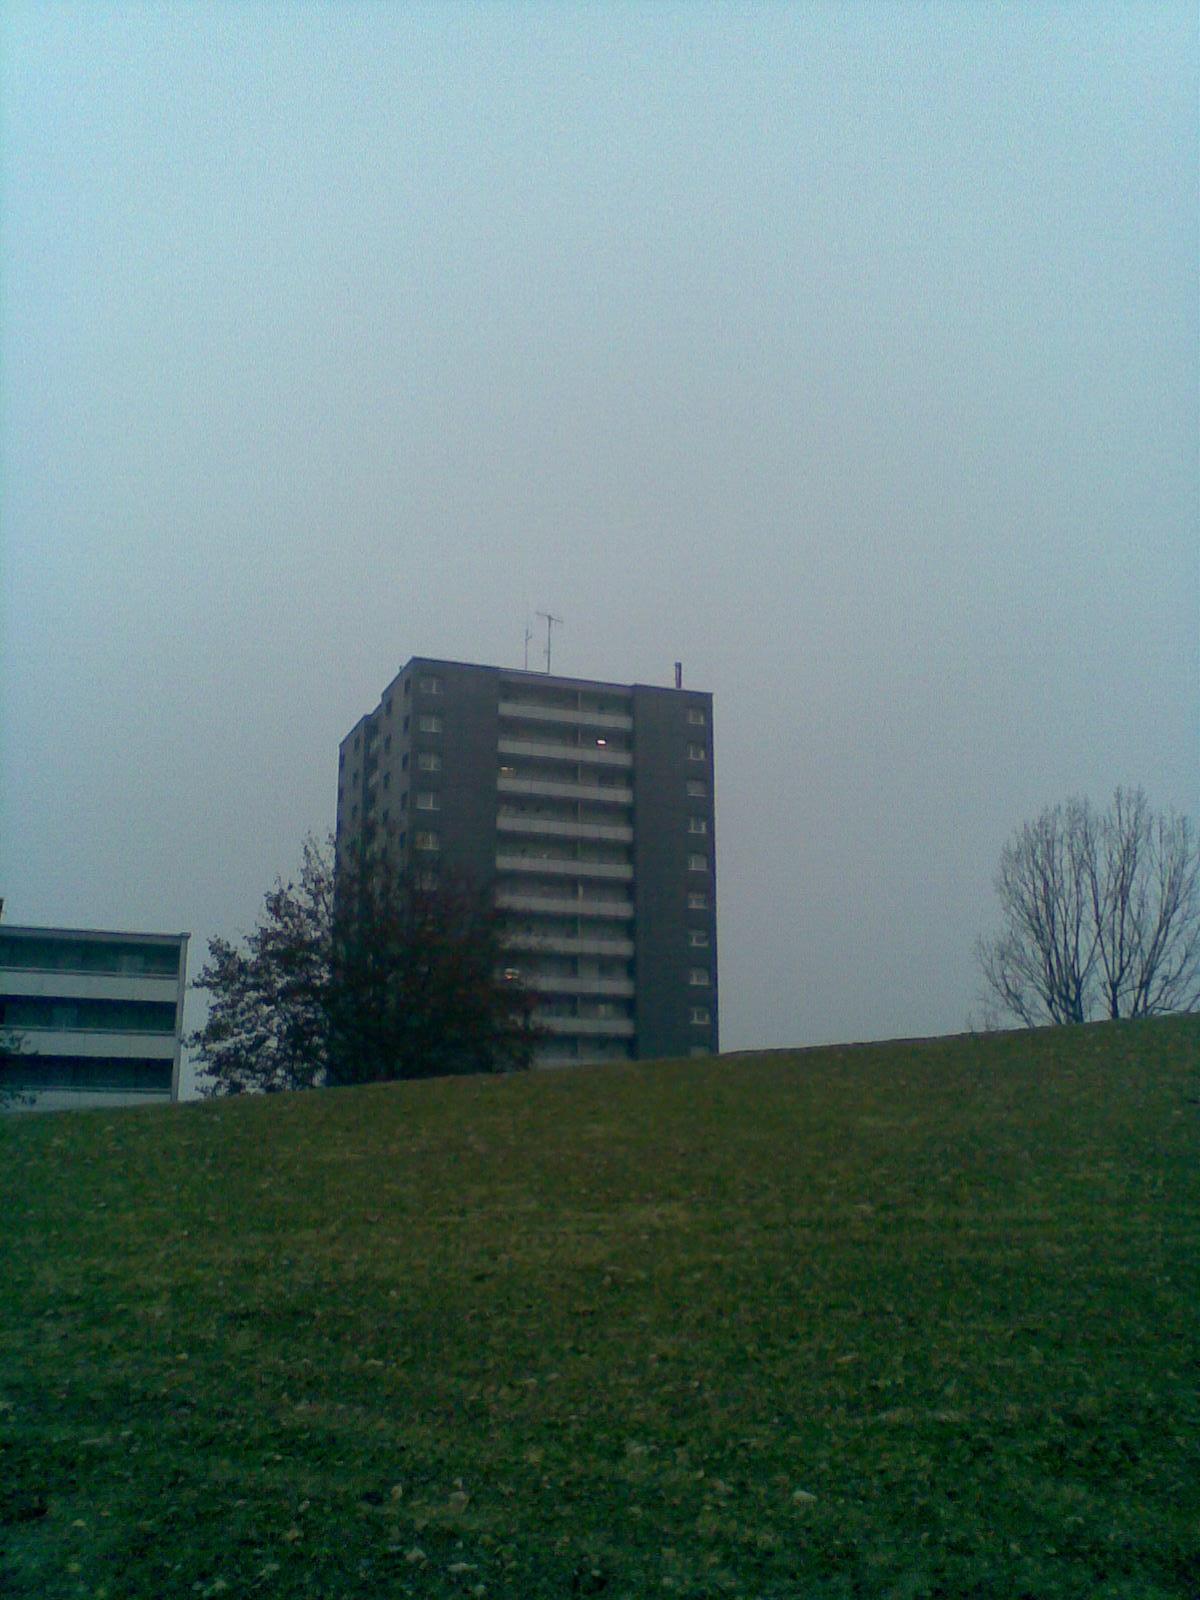 Thu Dec  1 08:18:08 2011